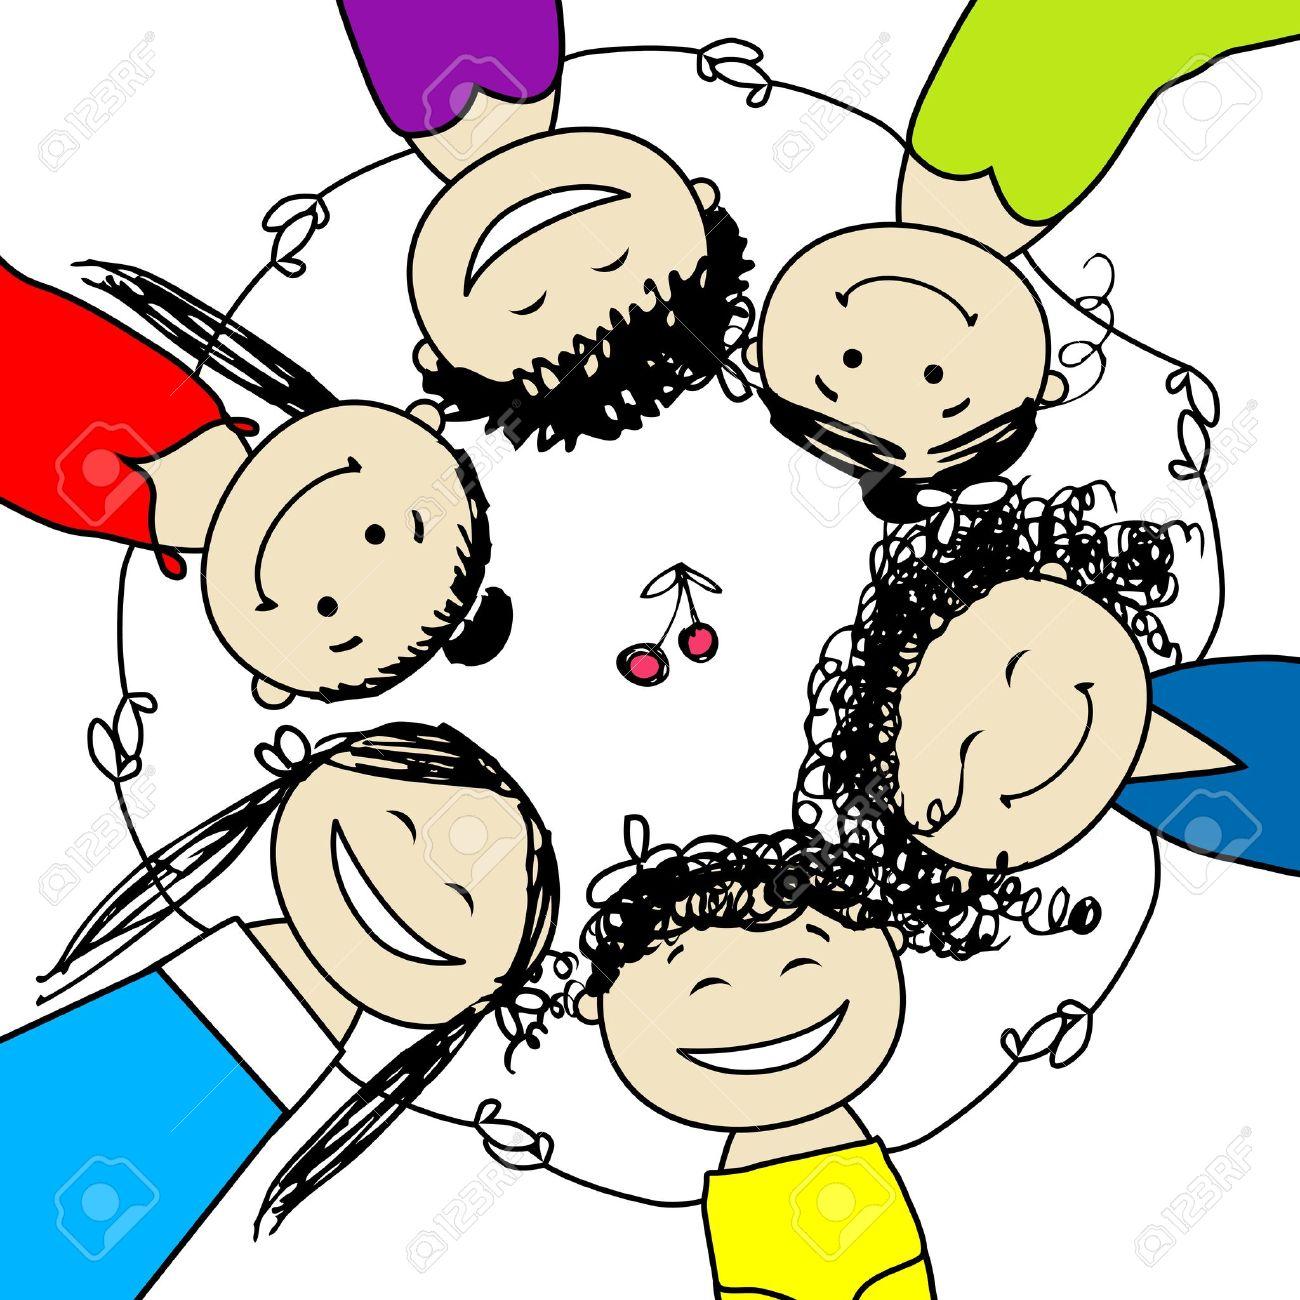 Group Girls Friends Friends Cartoon Group